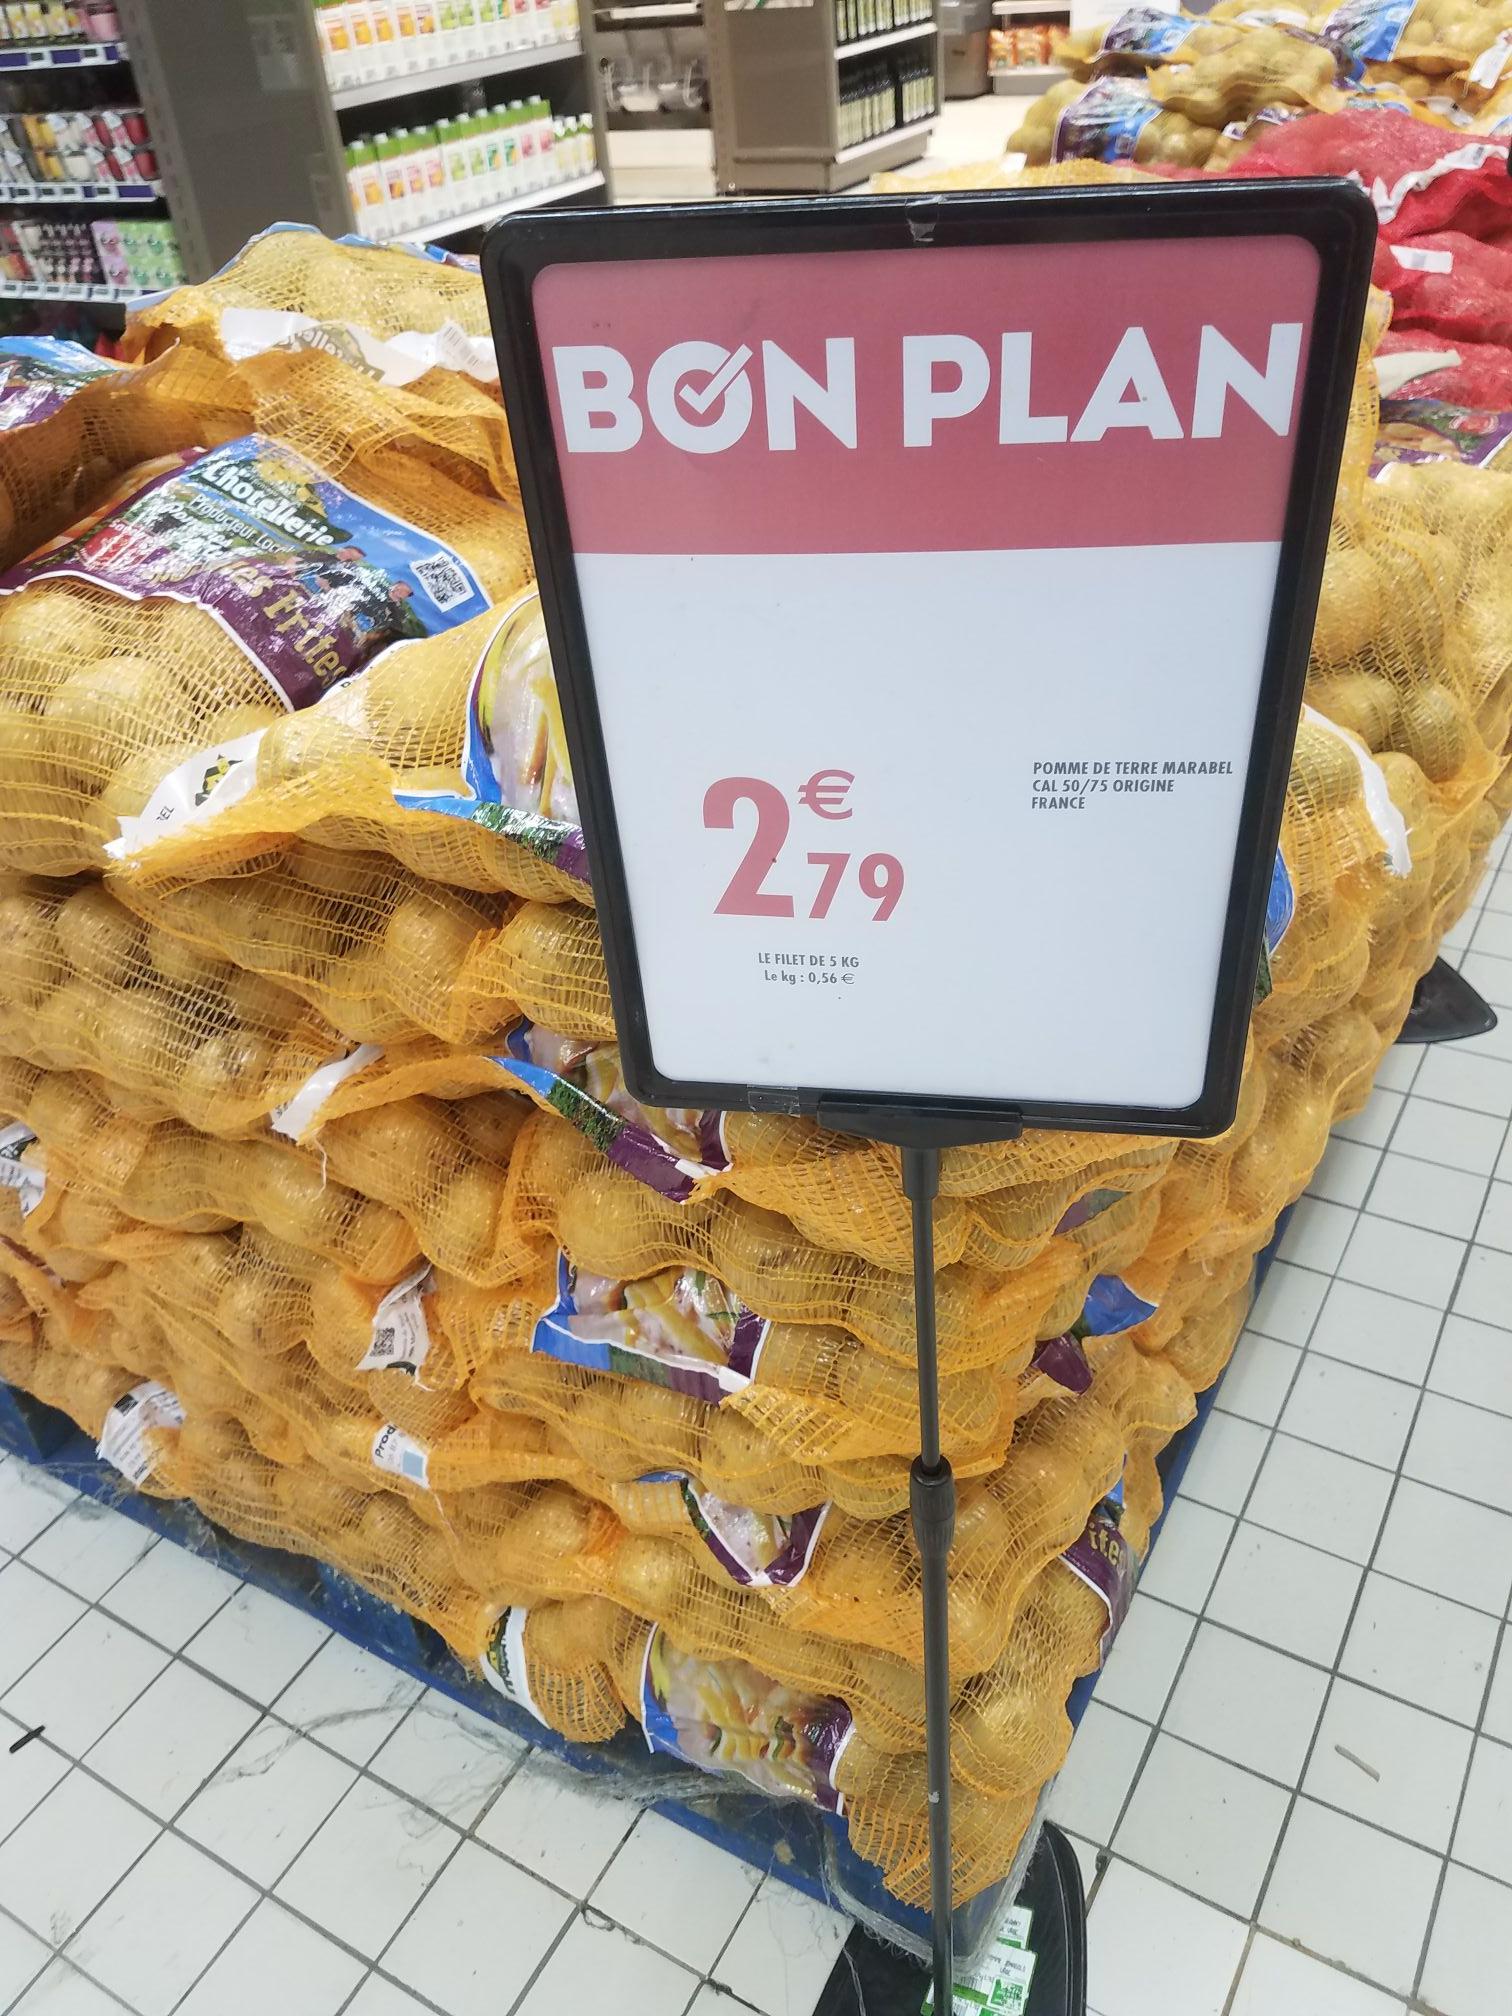 5kg de Pomme de terre marabel cal 50/75 - Origine France - Fourmies (59)